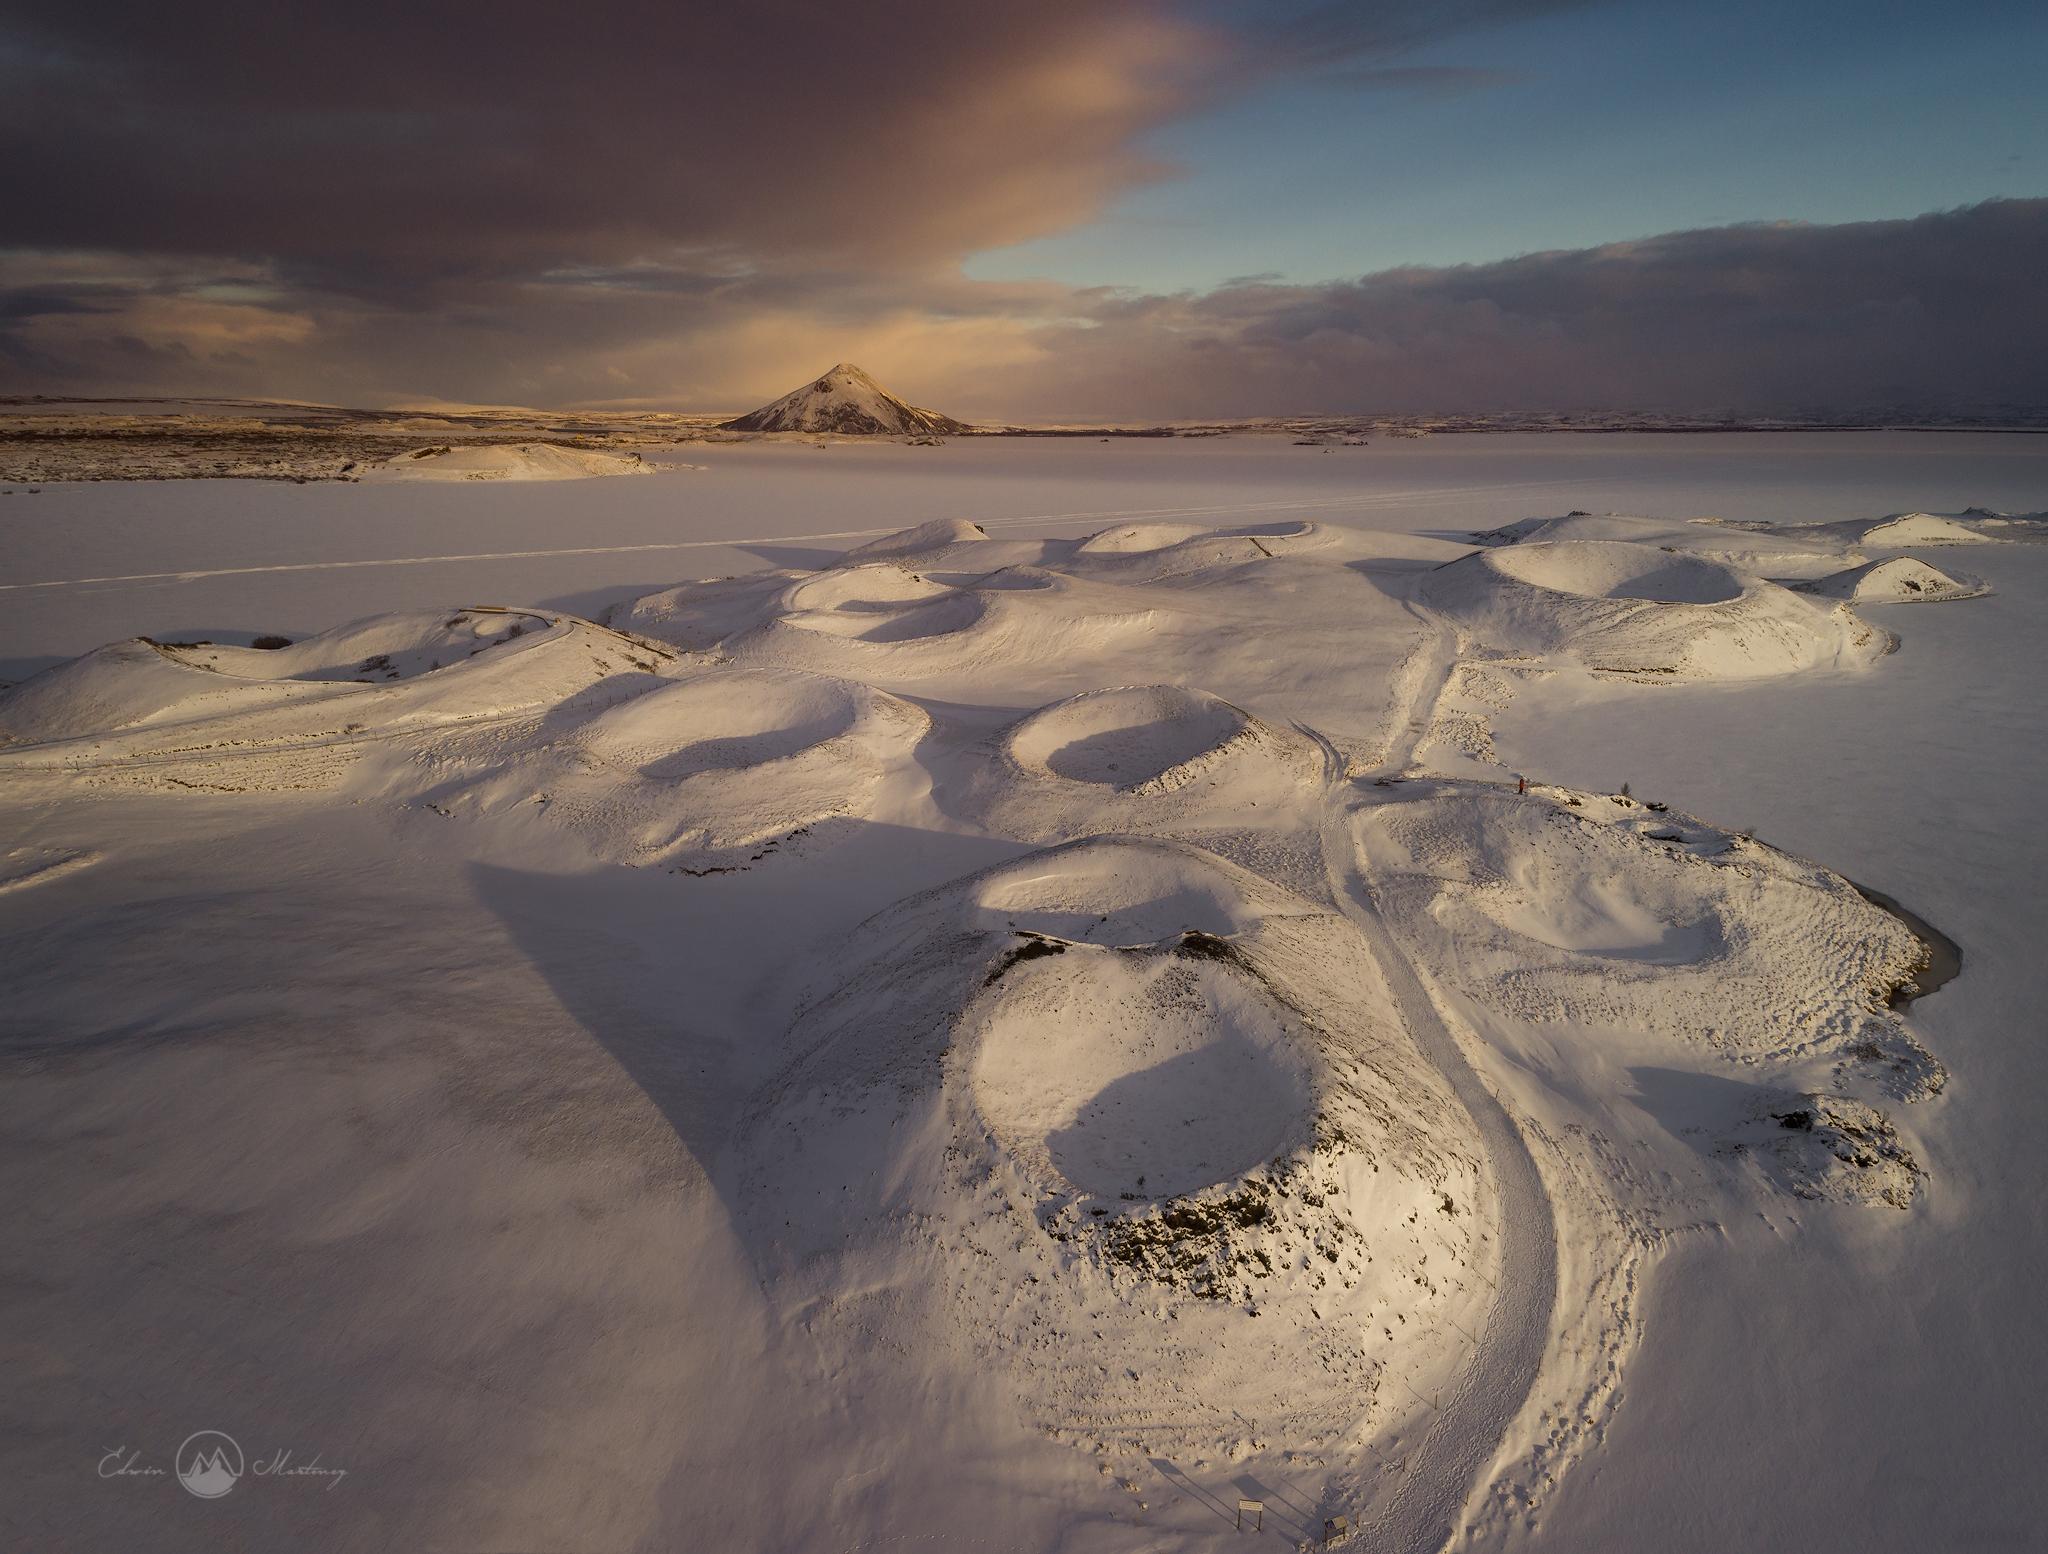 11 Day Northern Lights Photo Workshop around Iceland - day 8